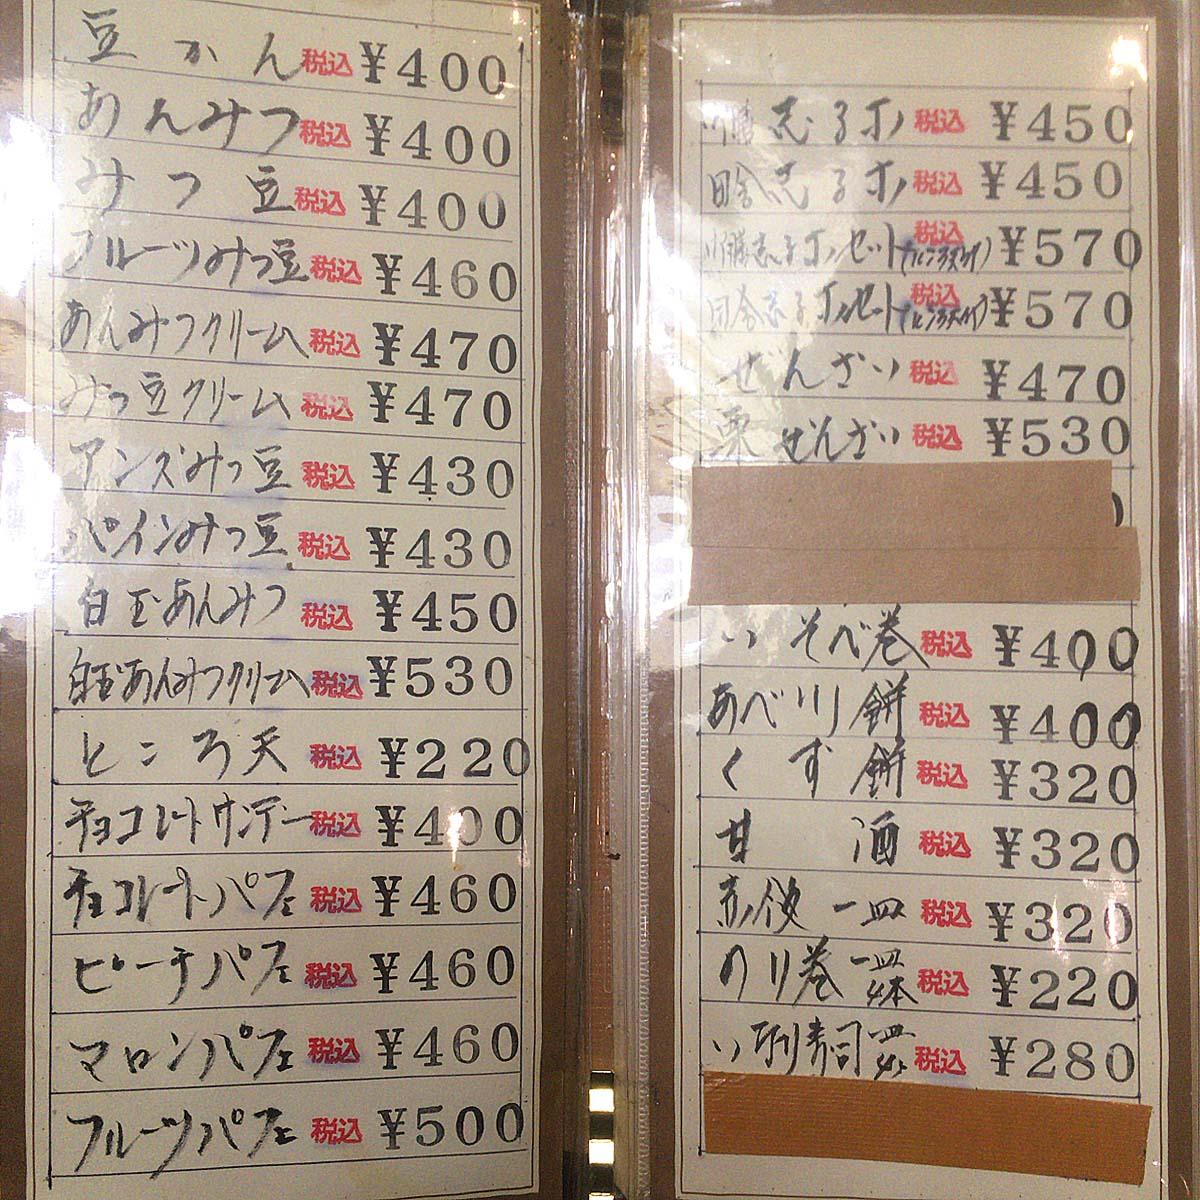 あんみつなどの定番ラインナップに混ざってパフェ類も用意@浅草の老舗甘味処「山口家本店」